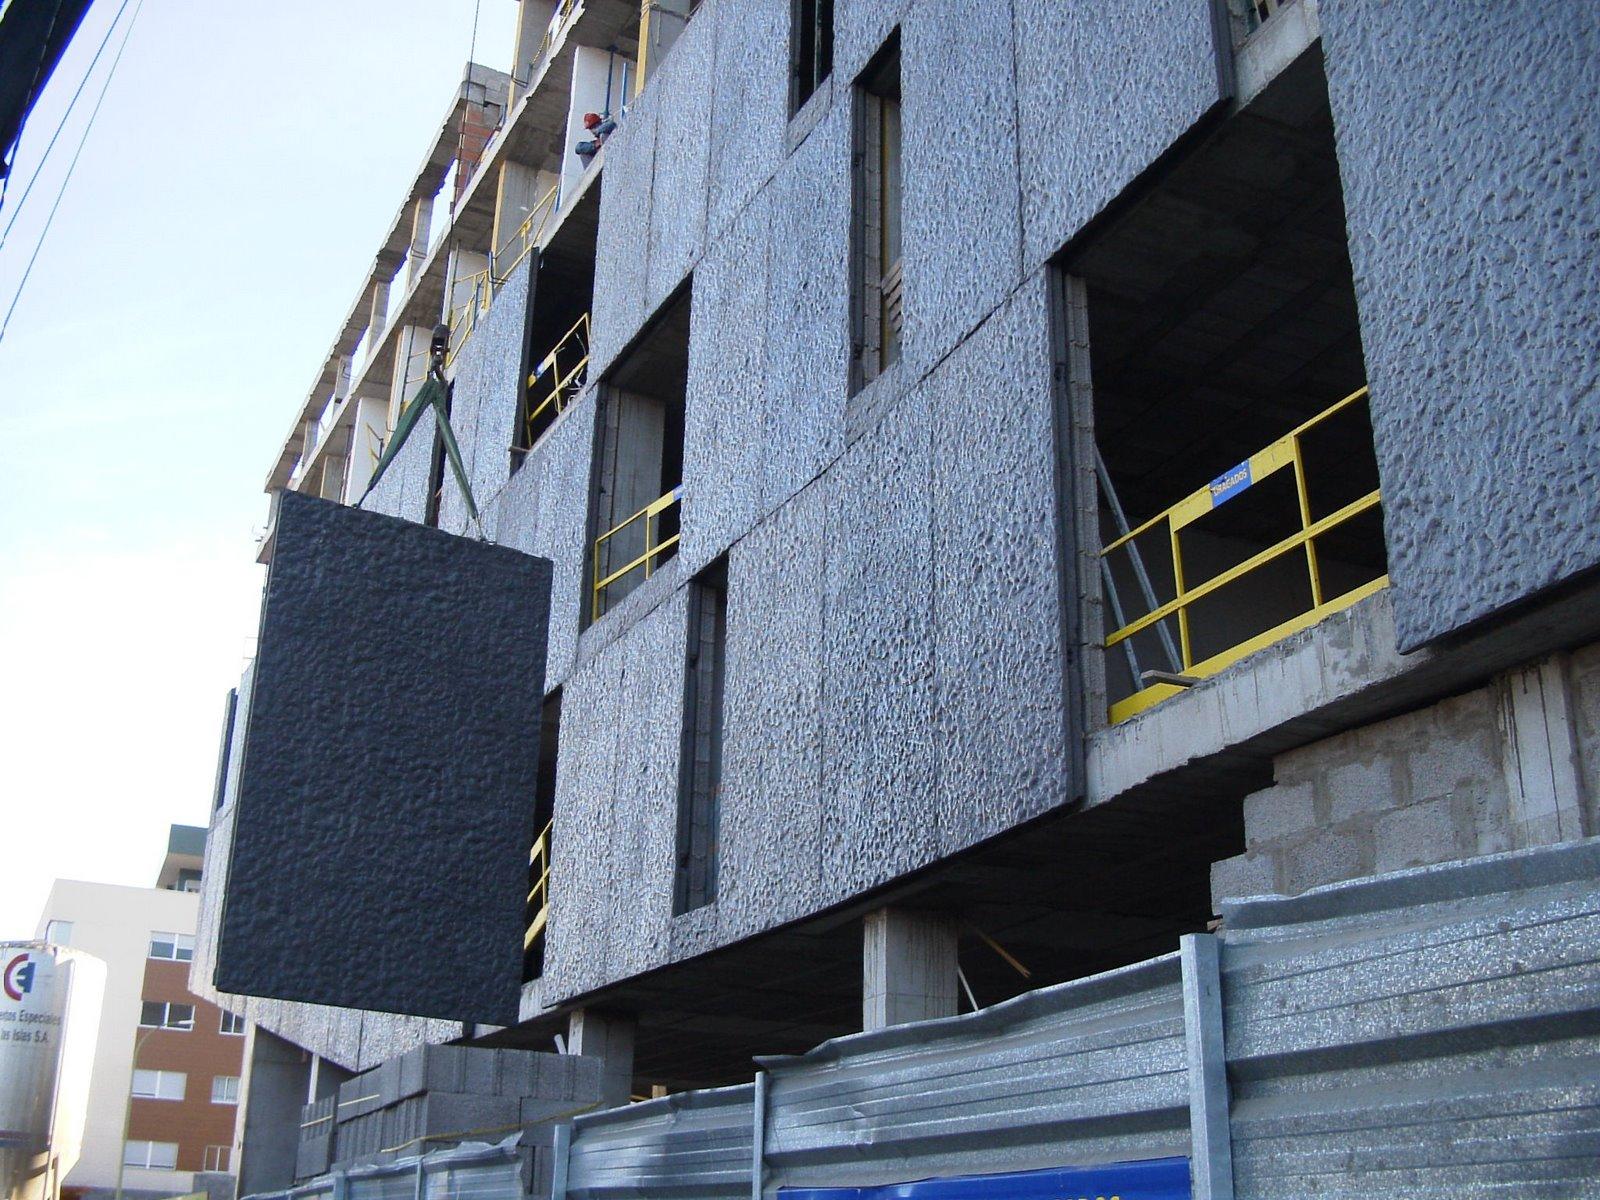 Concrete Building Facade : Architectonic concrete s l textured building façade